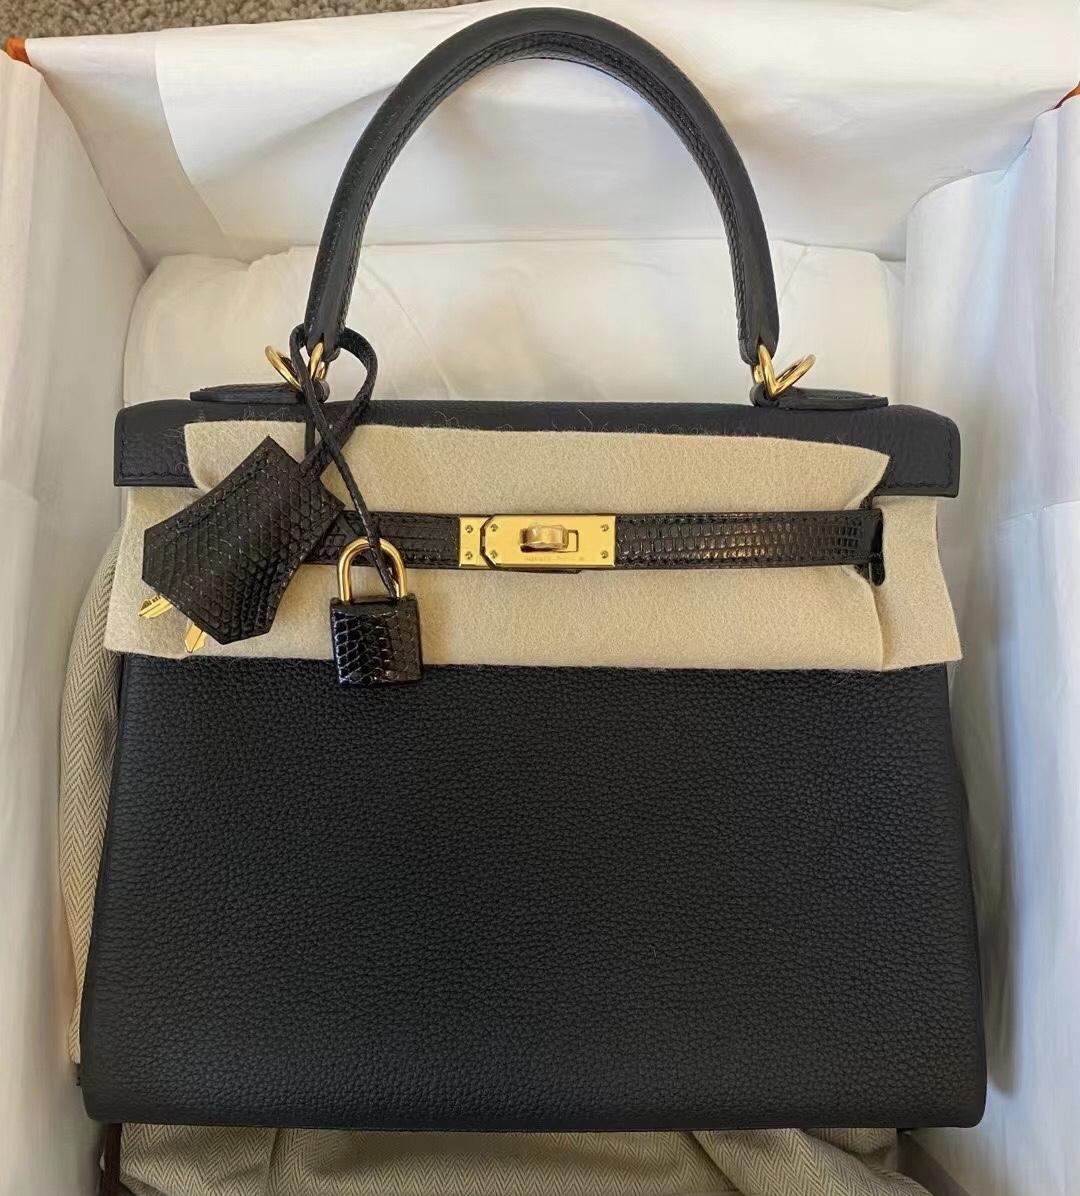 Hong Kong Hermes Kelly 25cm Touch Togo/蜥蜴皮 CC89 Noir 黑色 金扣